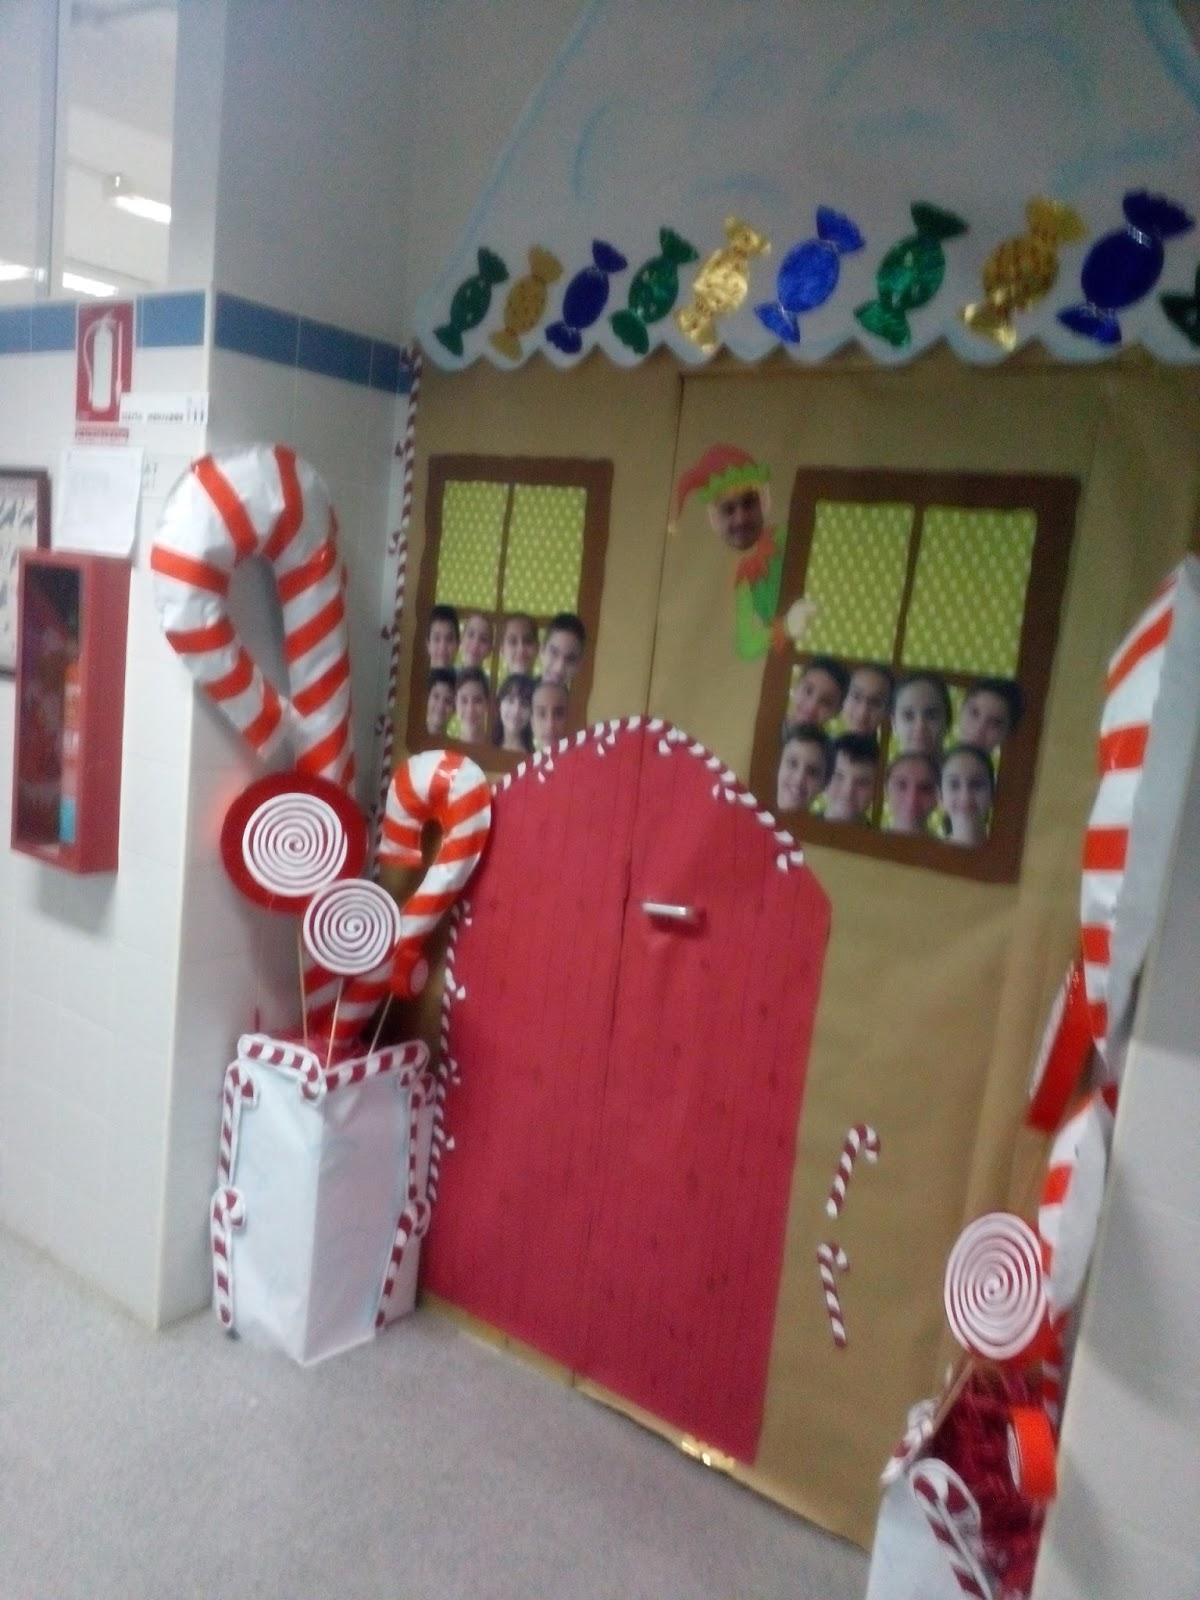 Manualidades escolares decoraci n de puertas for Decoracion para puertas